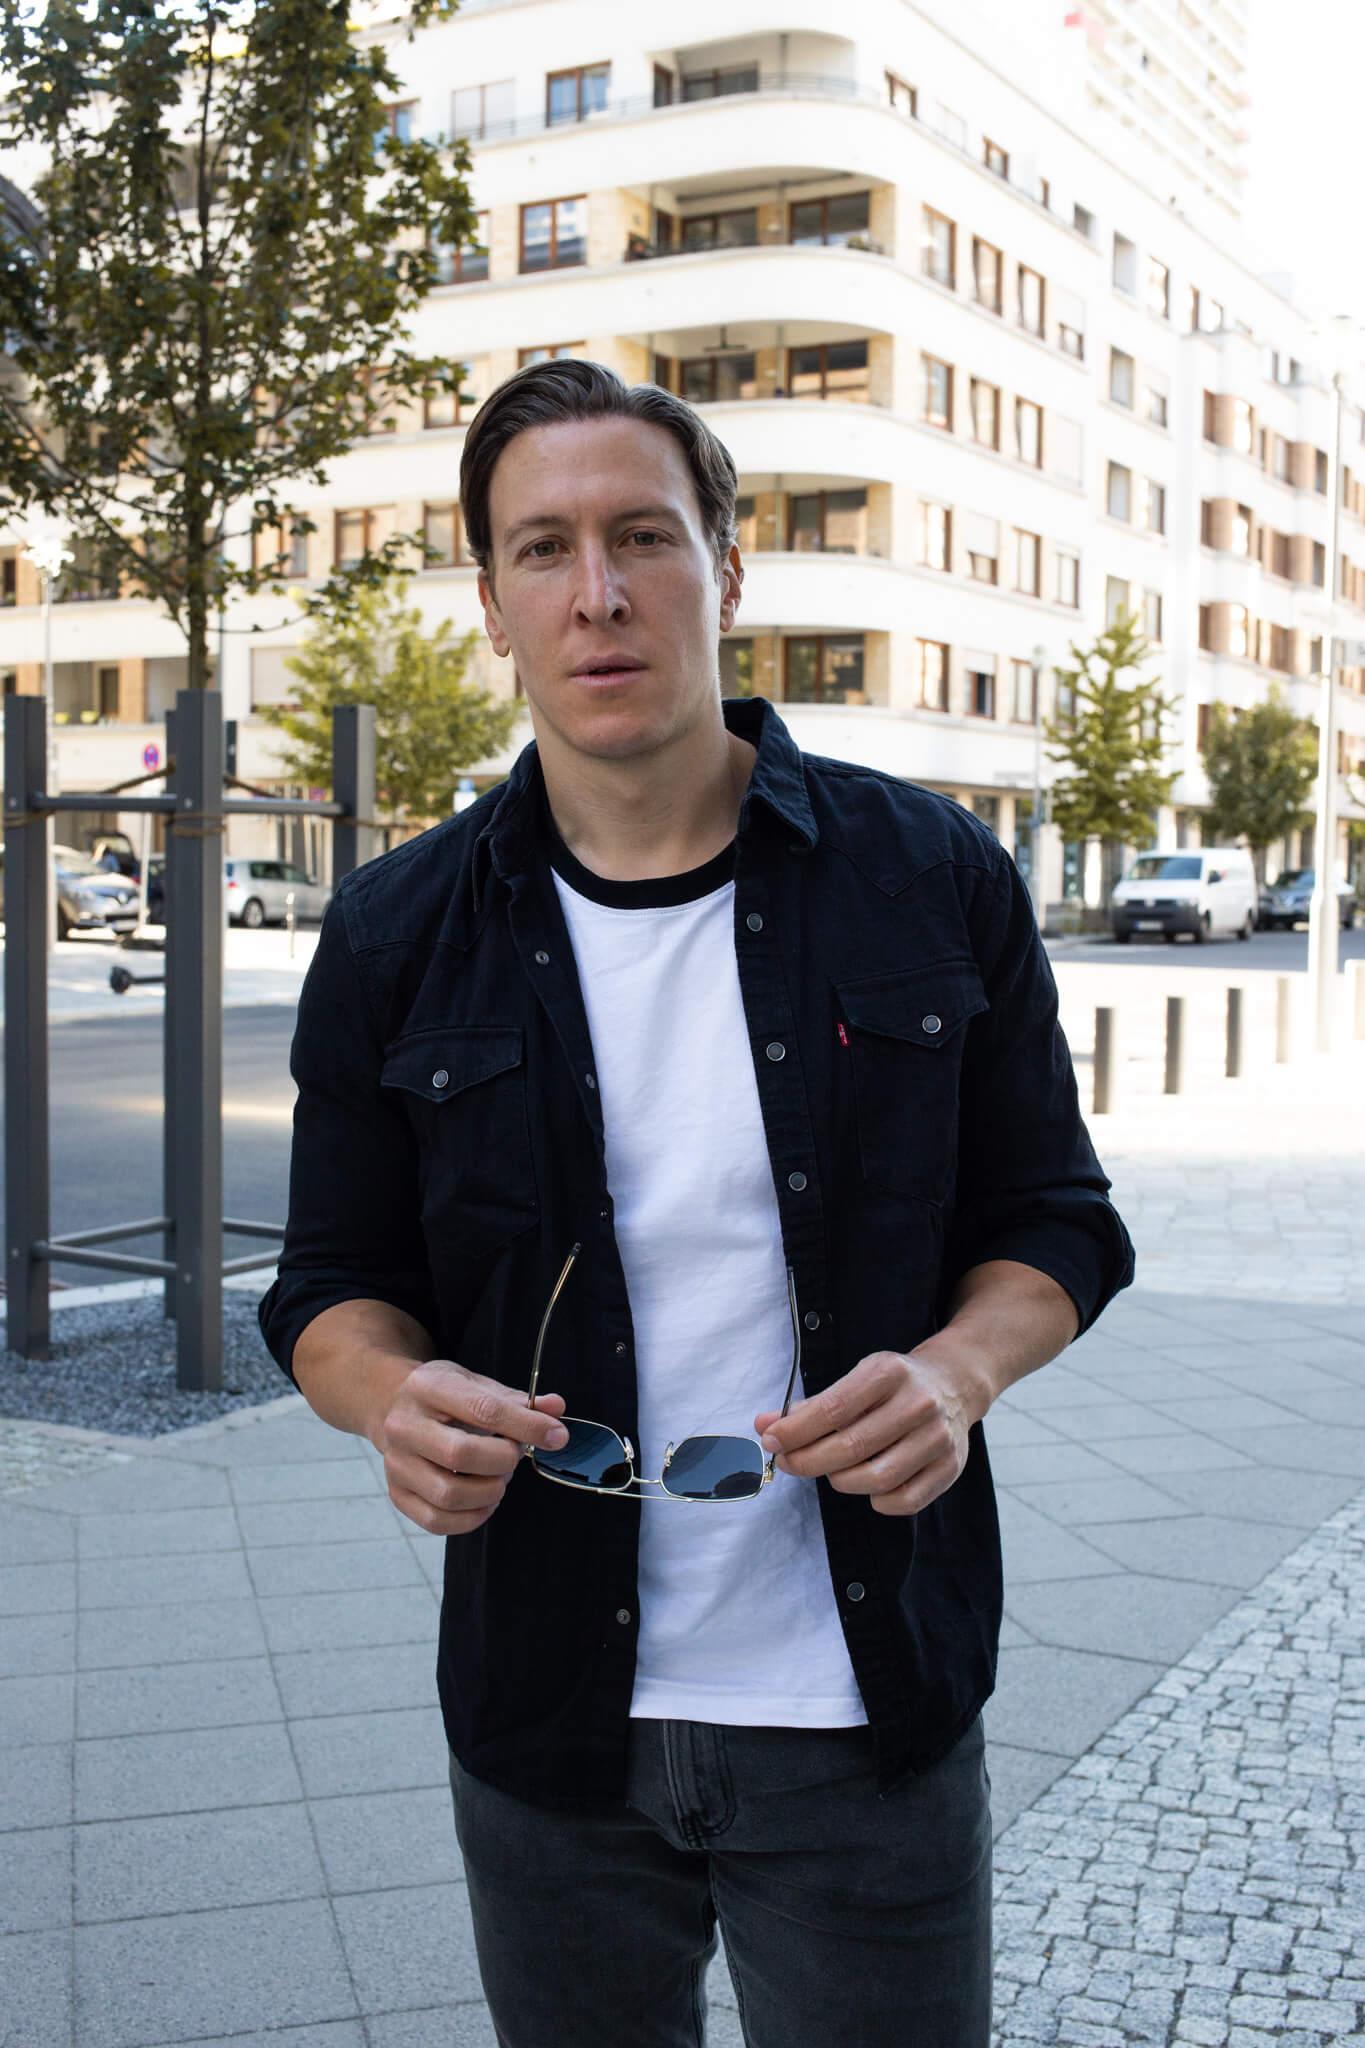 jeanshemd kombinieren streetstyle männer-01